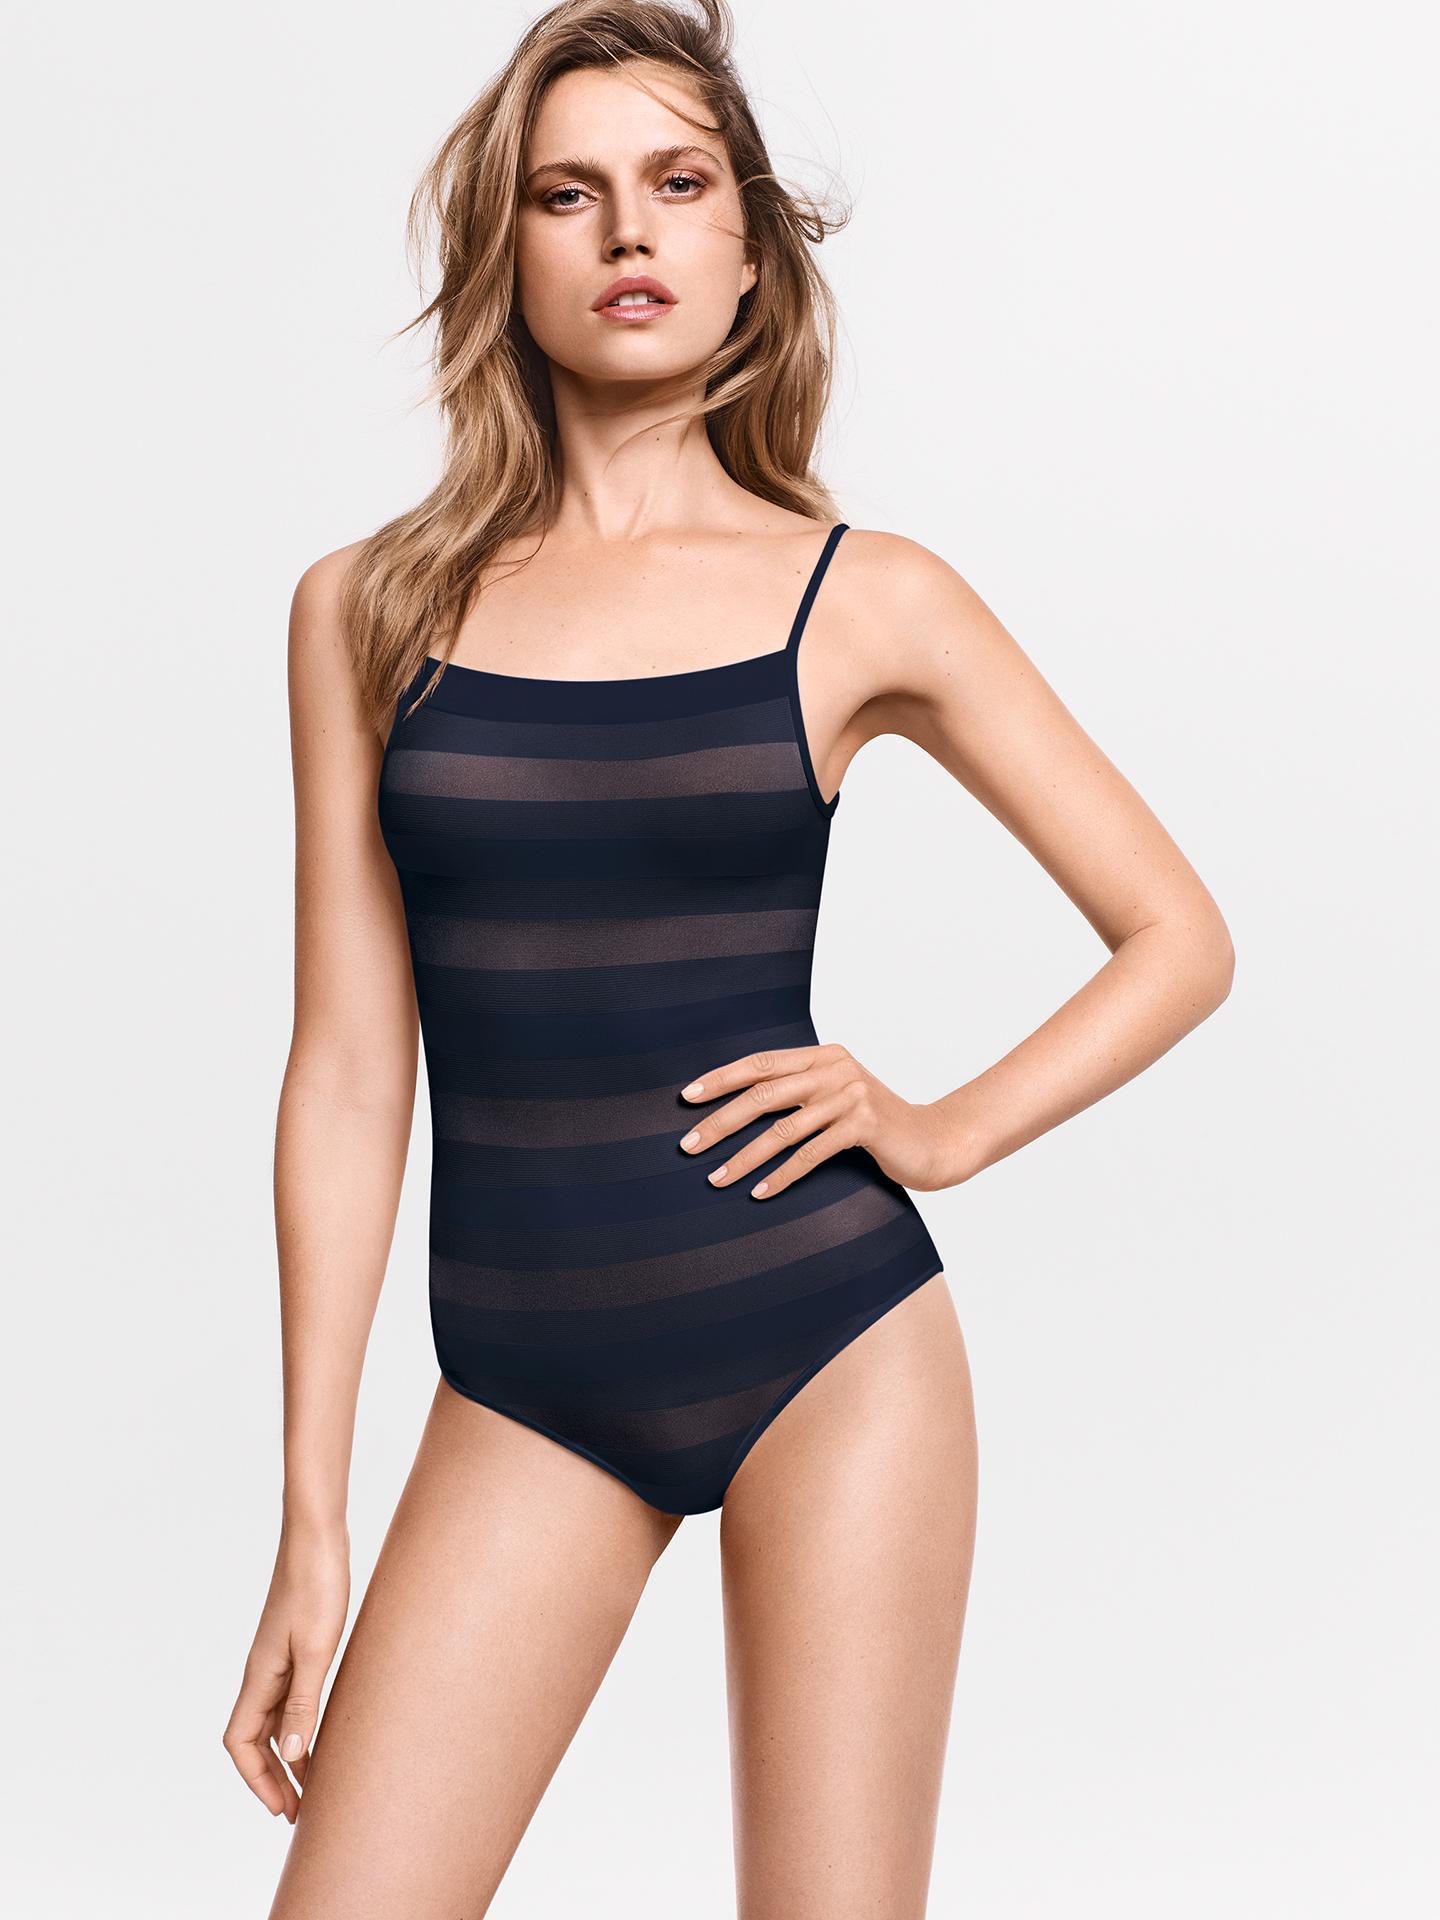 Naomi Body - 5665 - XS